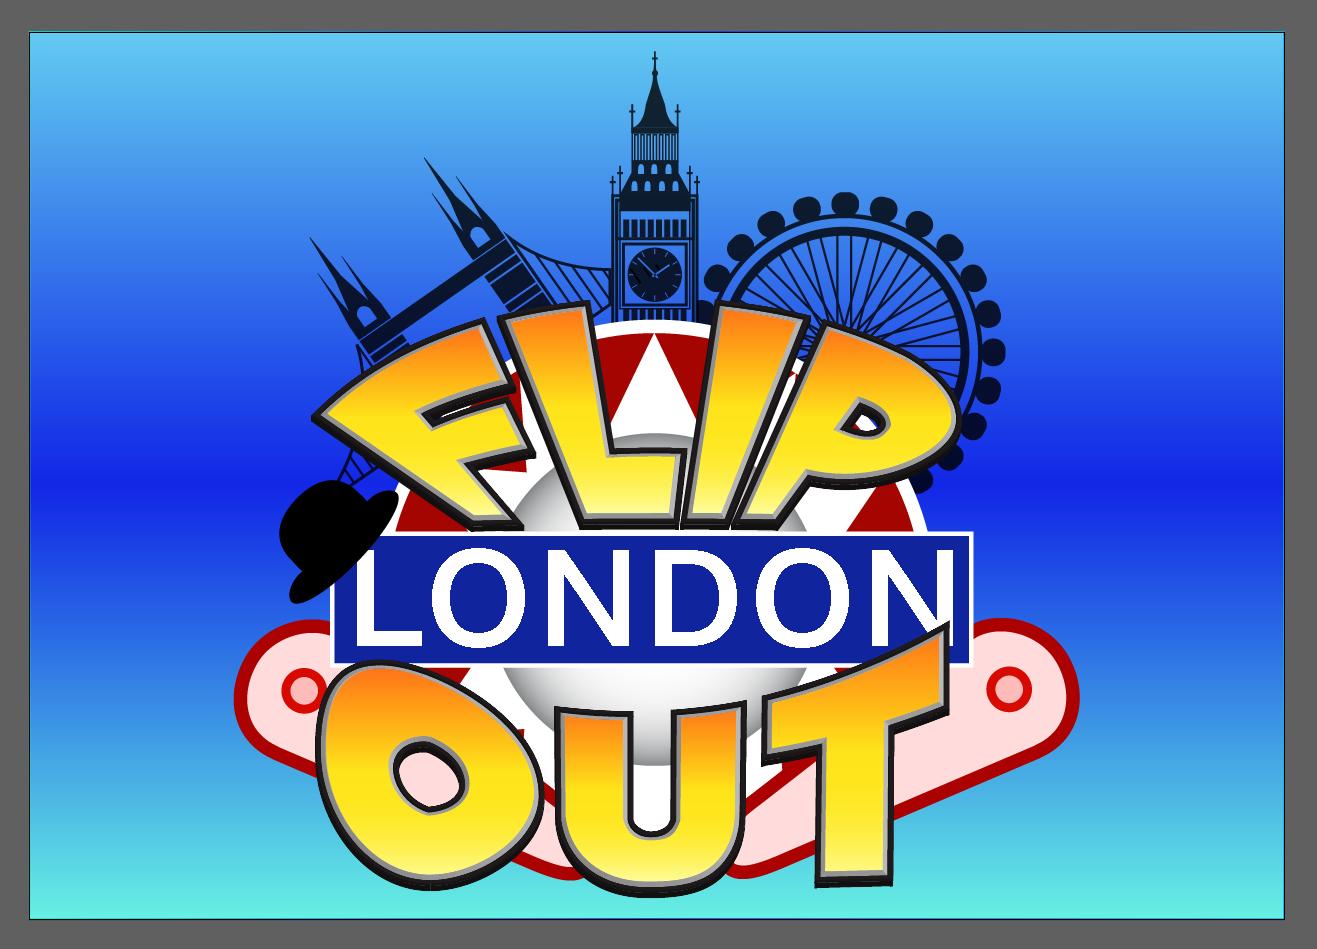 Flip Out London